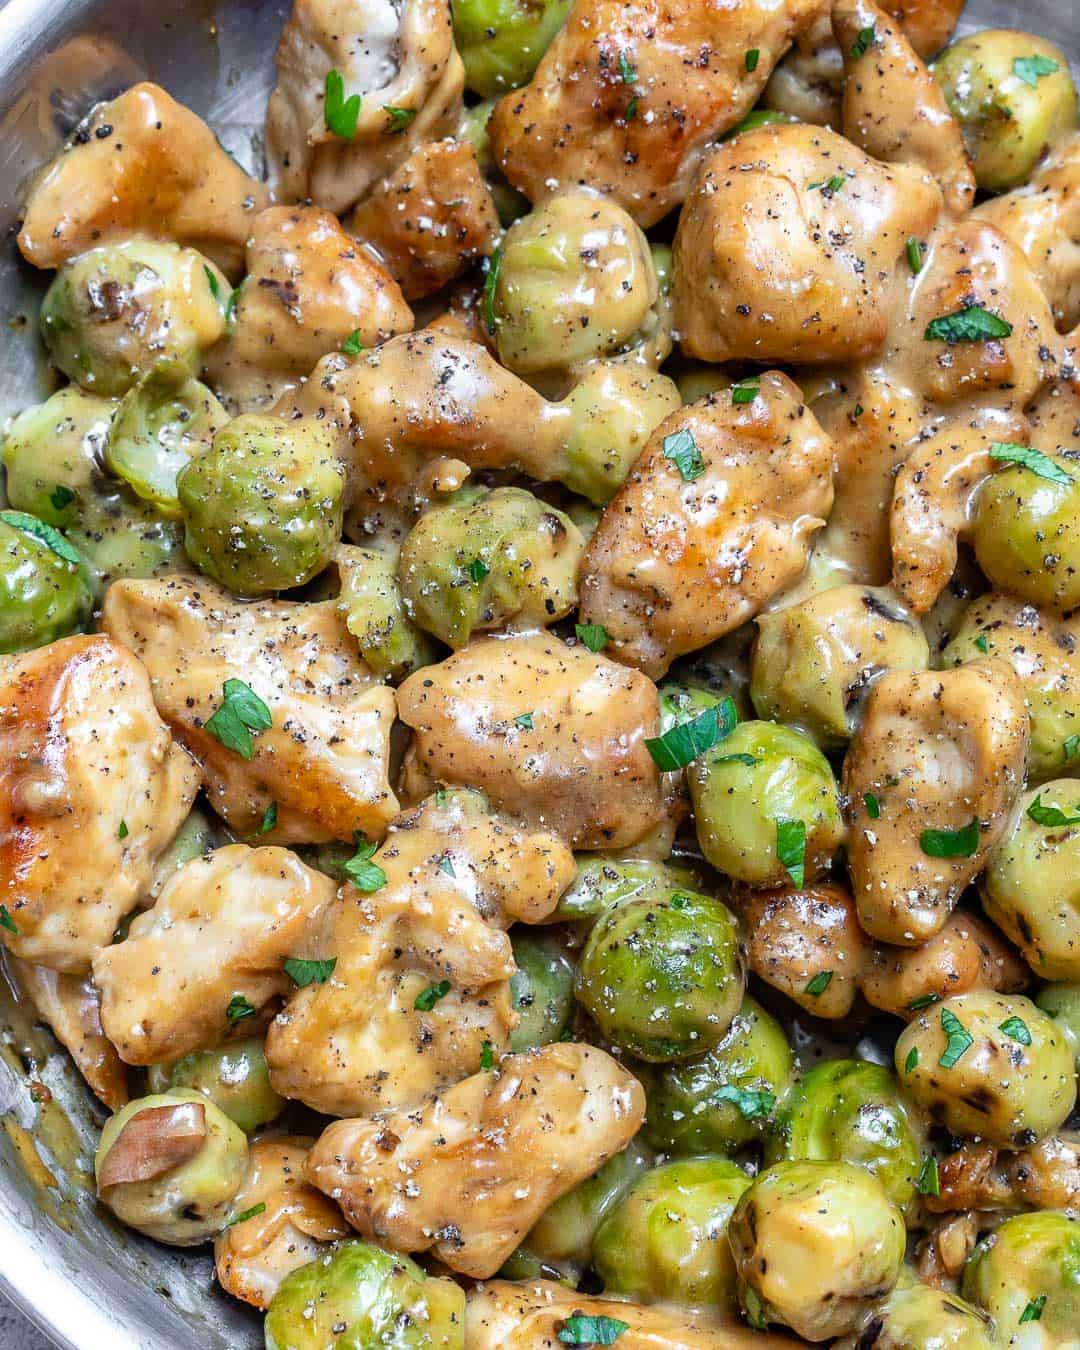 chicken dinner recipe with veggies